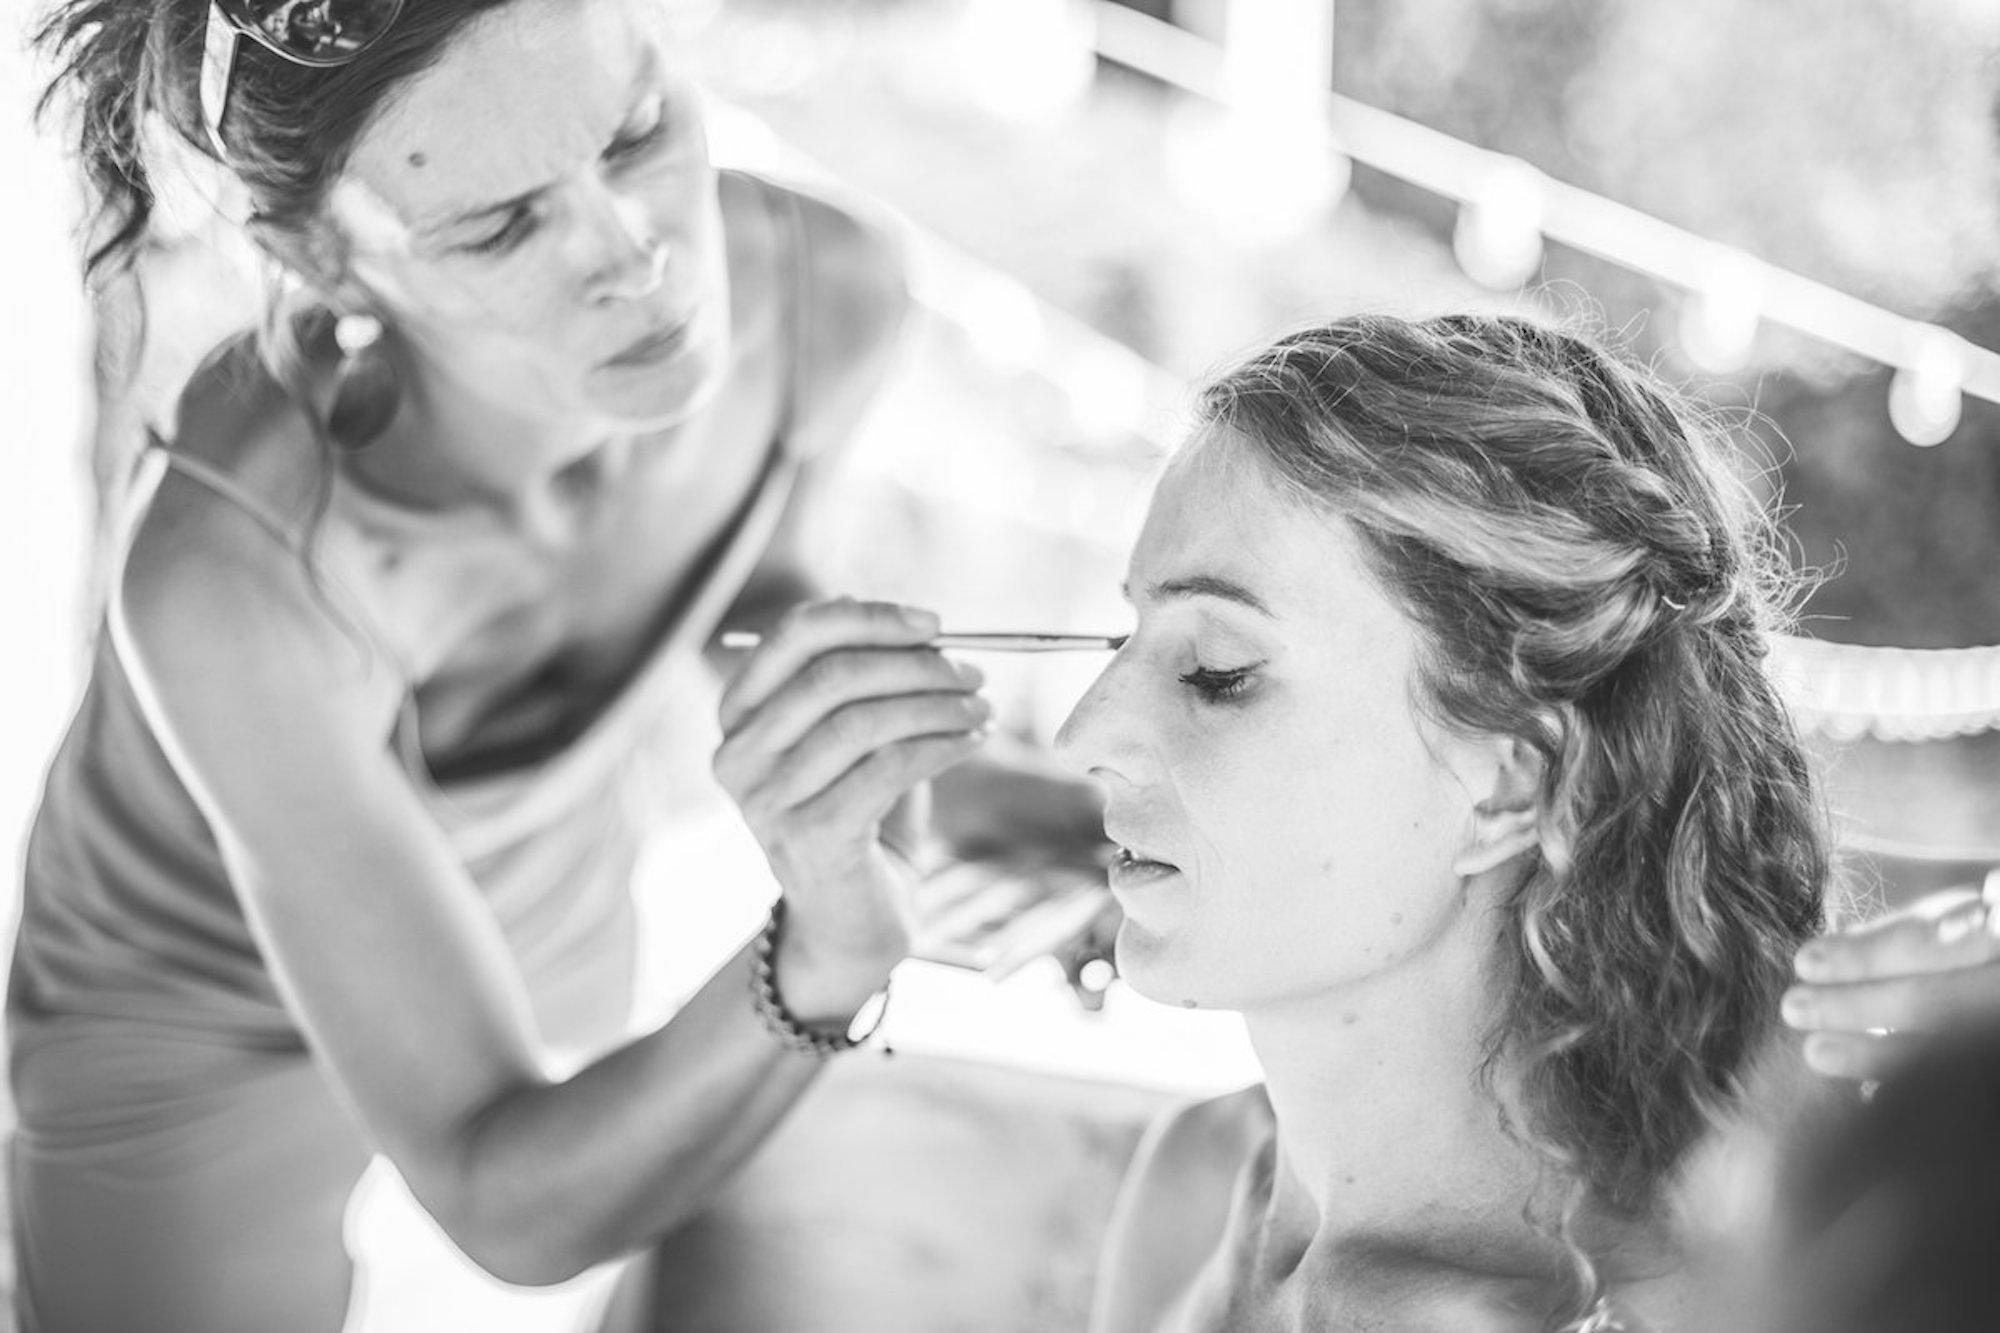 le coeur dans les etoiles - wedding planner - gard - provence - mariage provence - L&C - sebastien cabanes - make up mariee